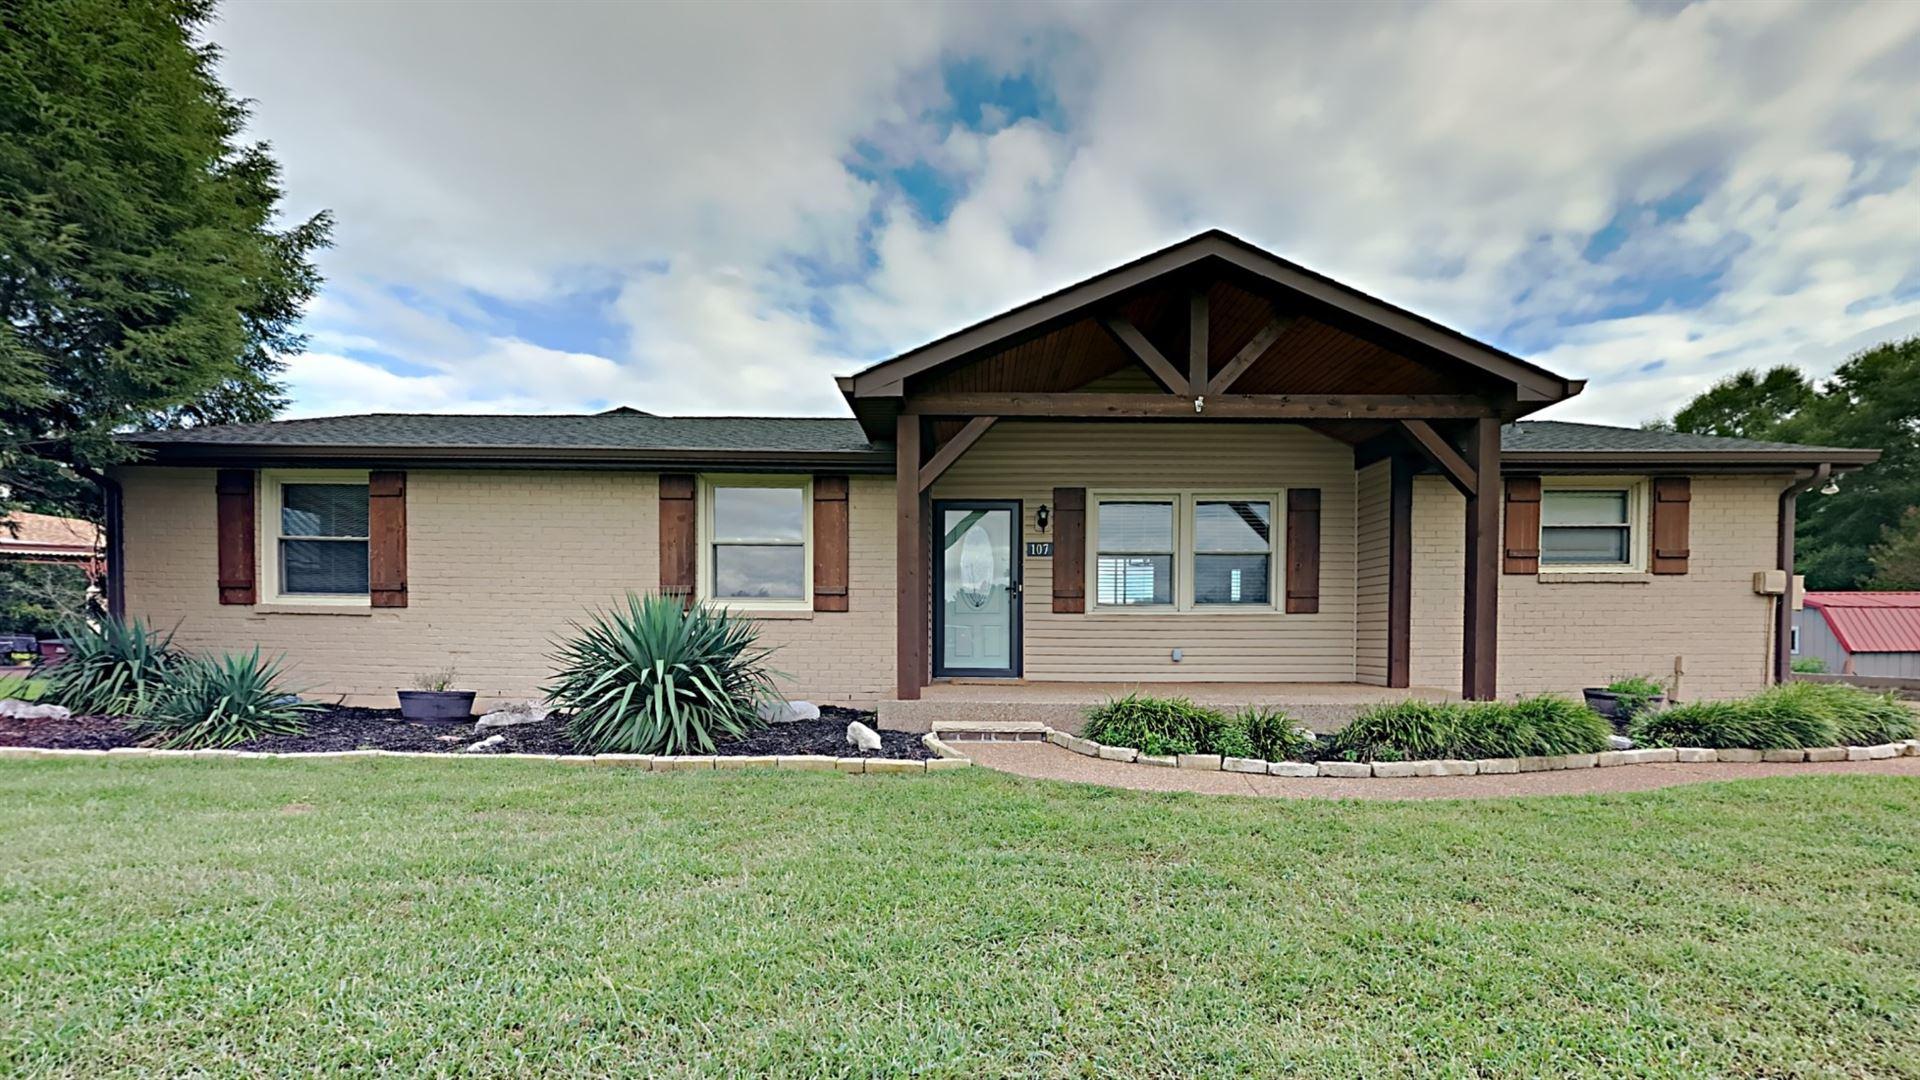 107 Pinnacle Ct, Pleasant View, TN 37146 - MLS#: 2294070